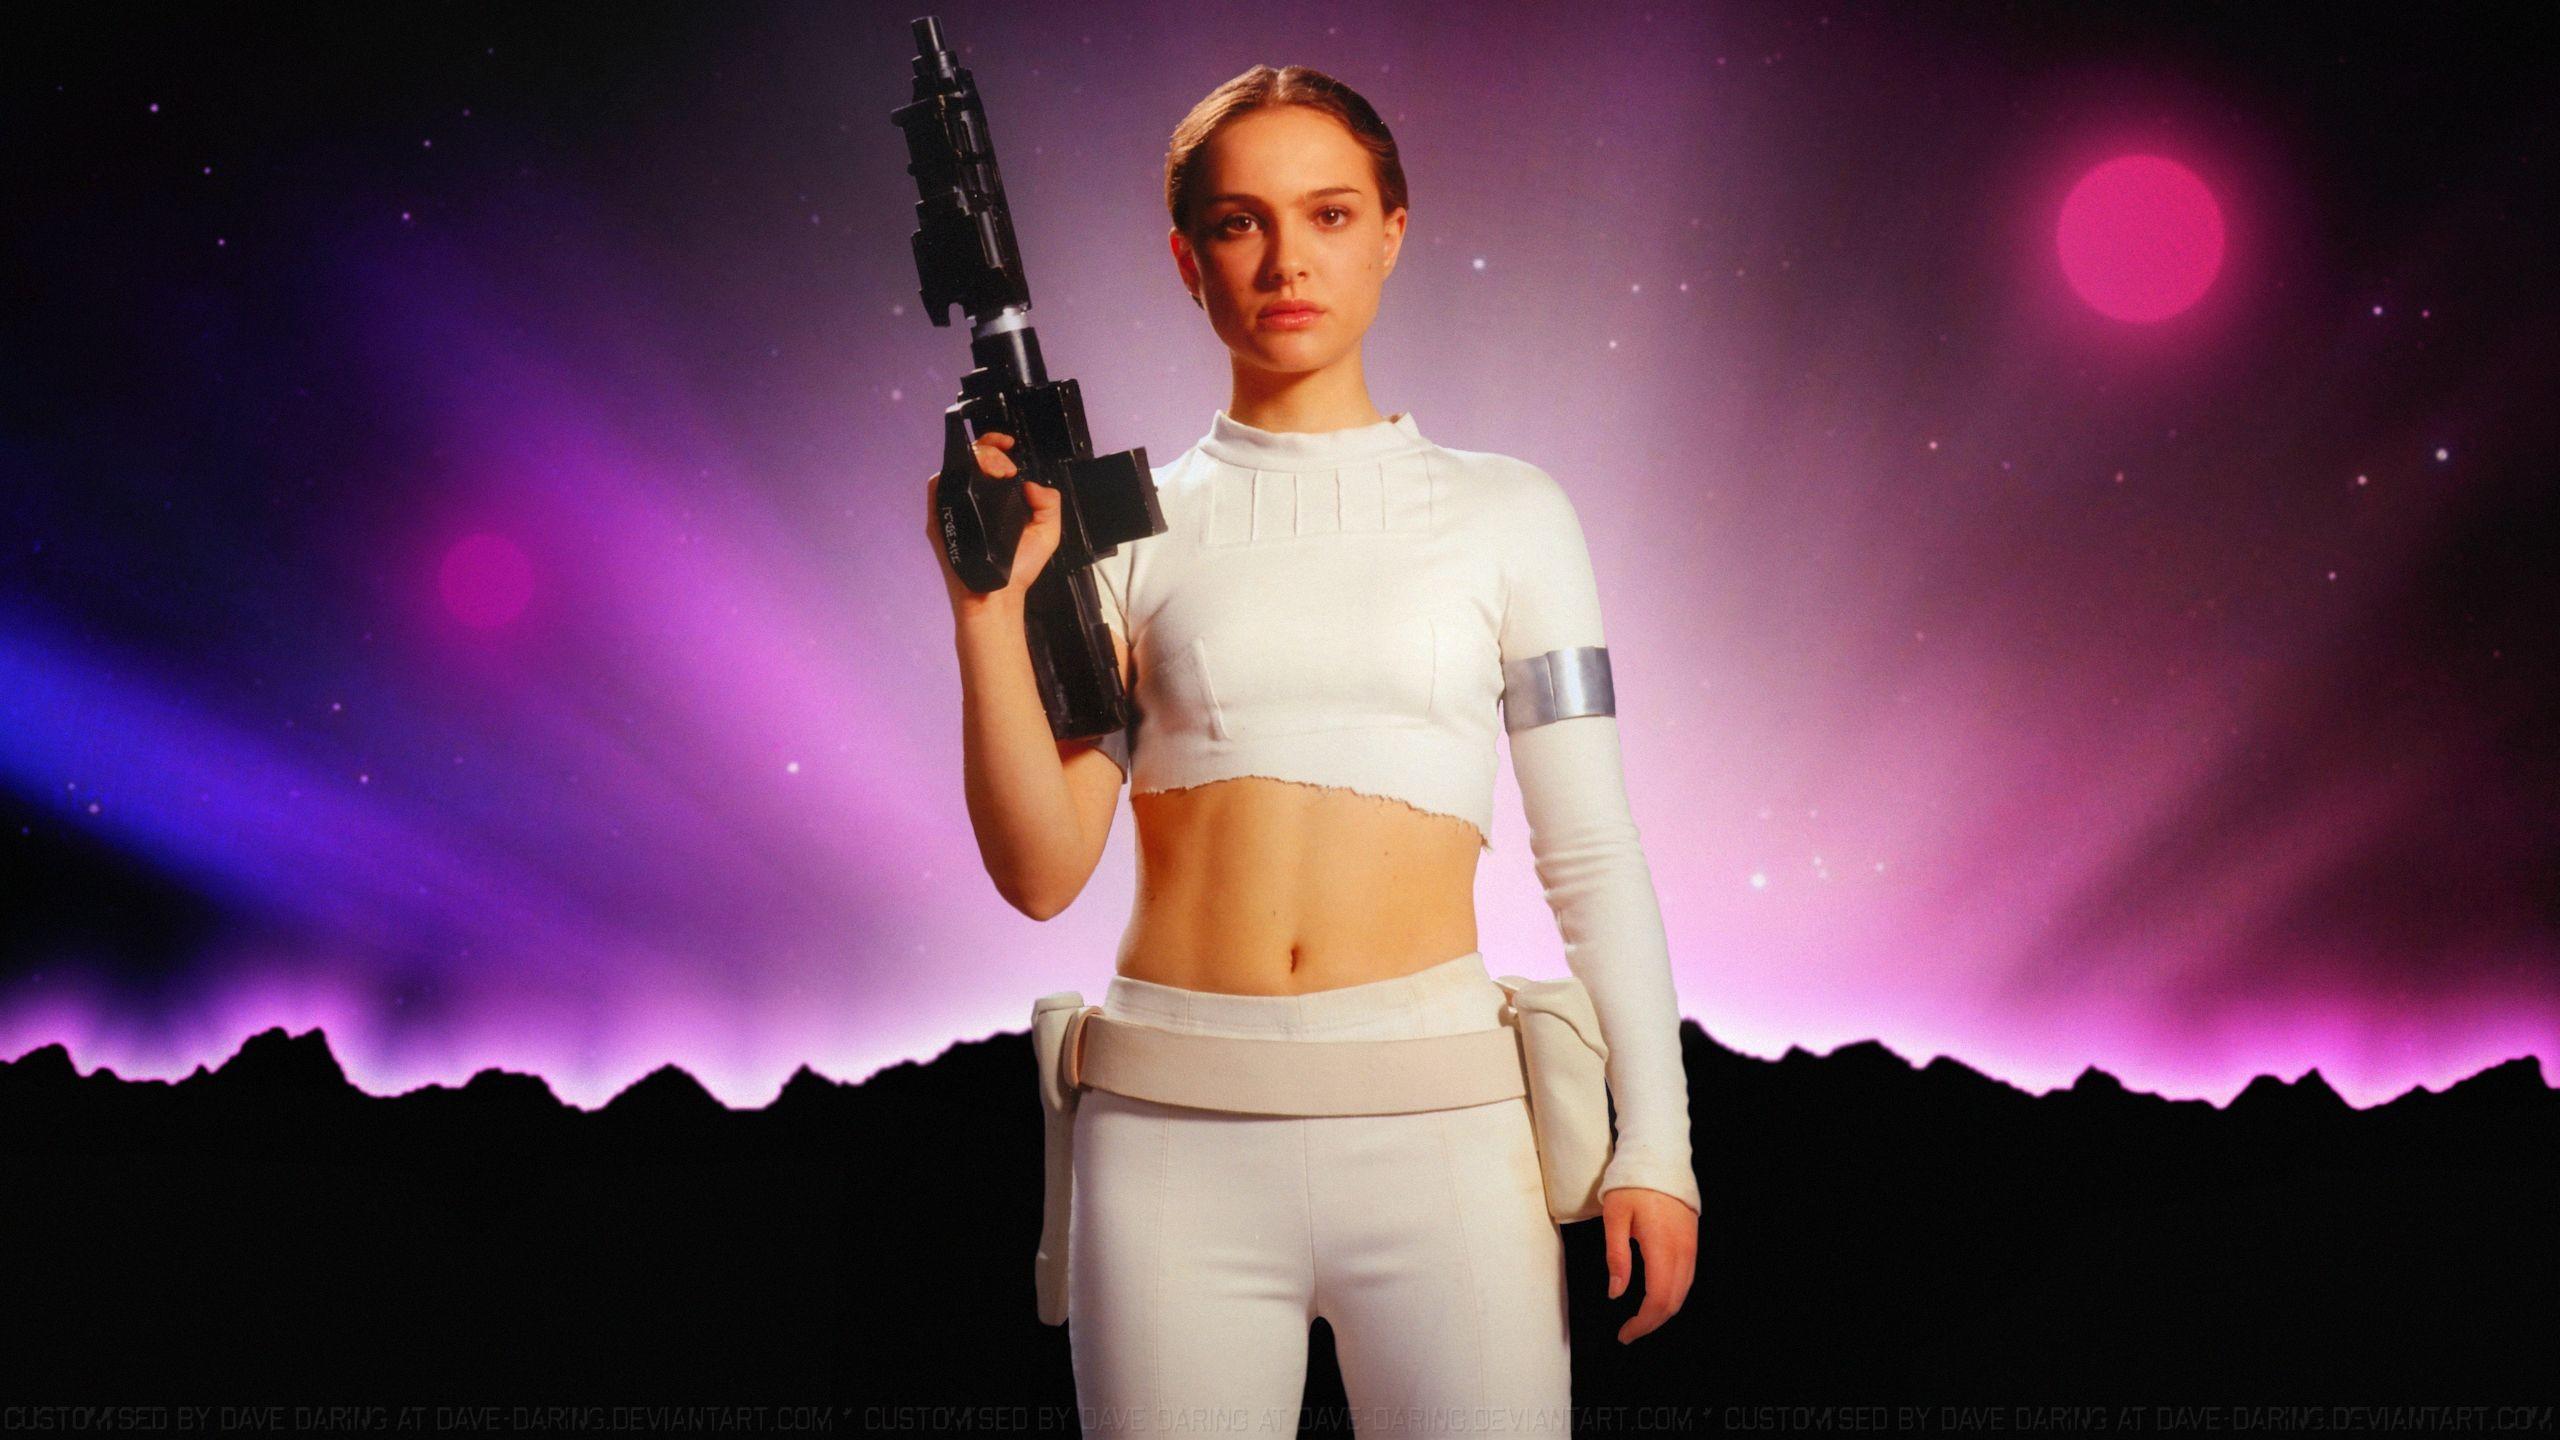 Натали Портман Горячие Фото Звездные Войны